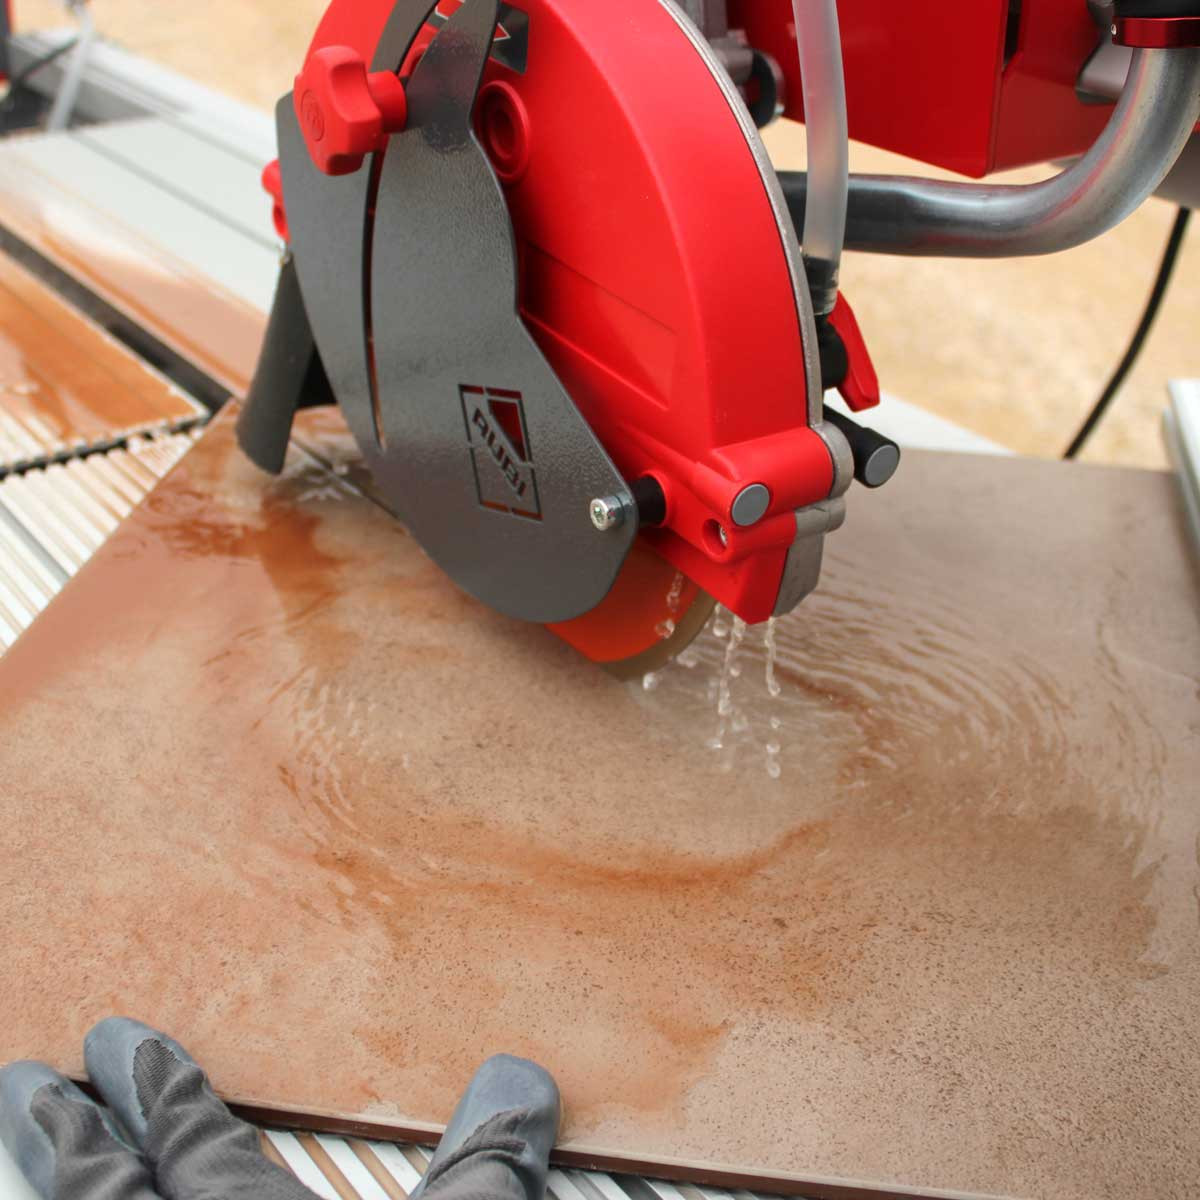 rubi rail tile saw